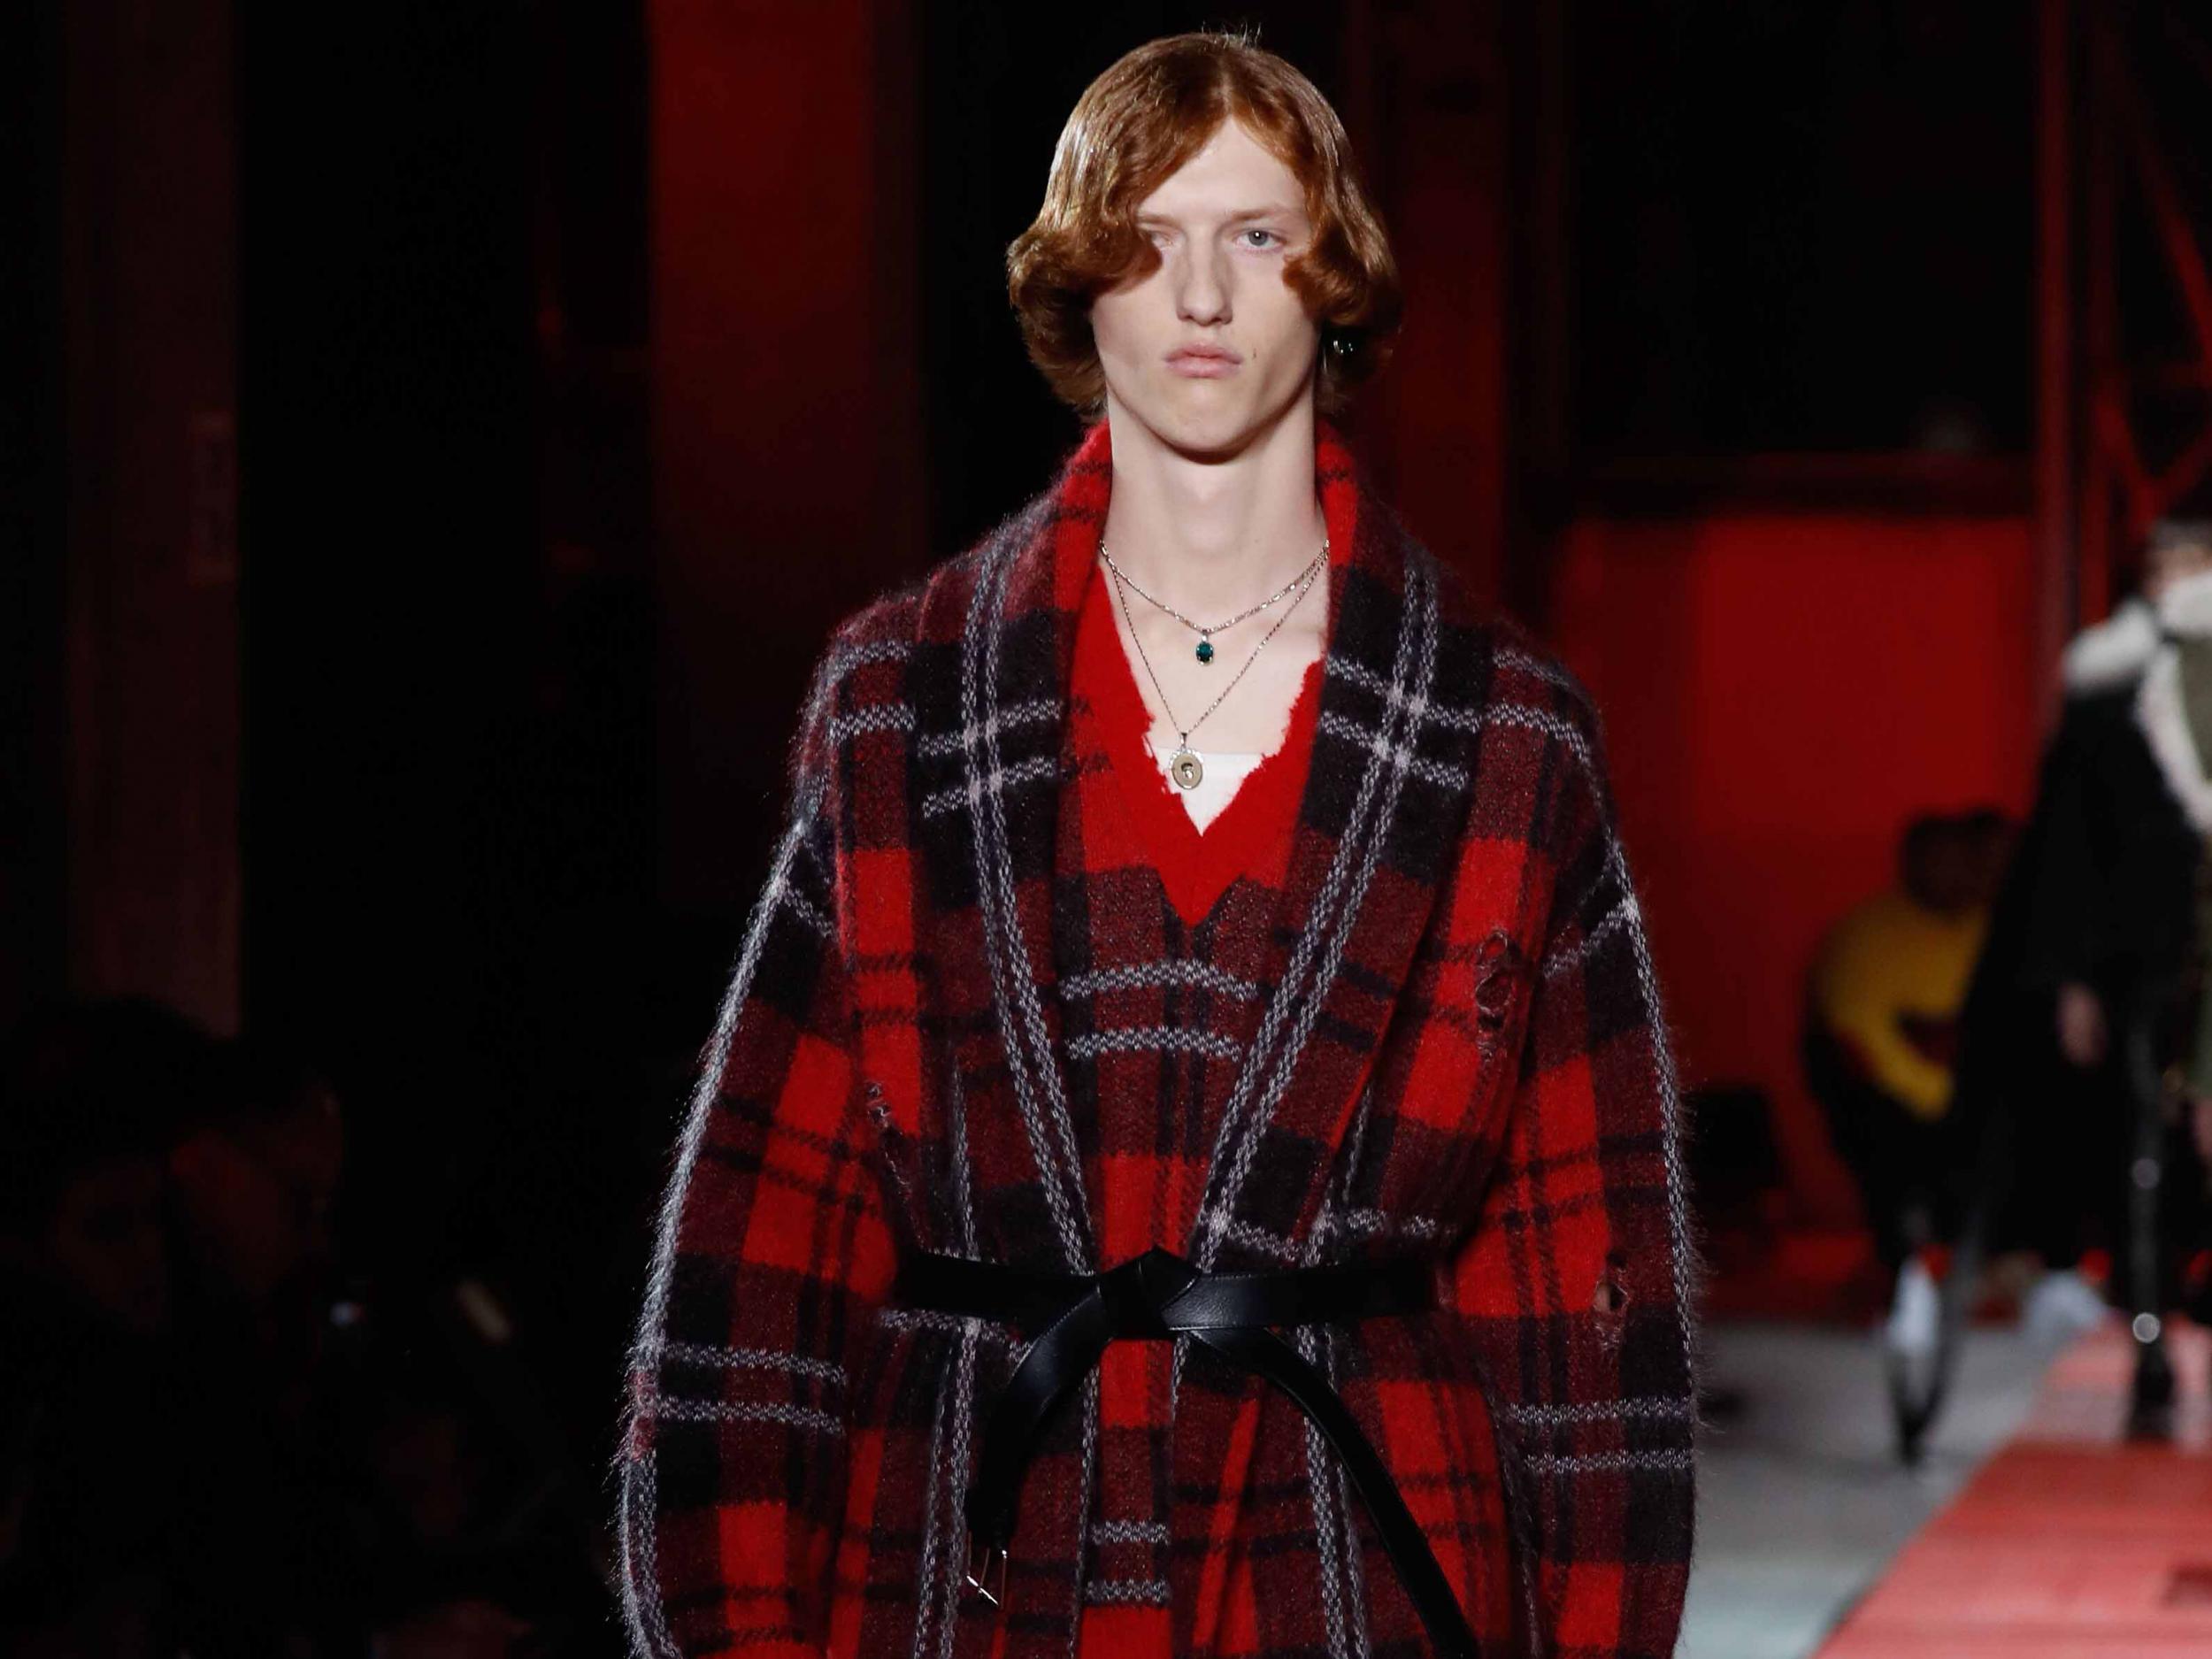 Pallavi mohan fashion designer 26